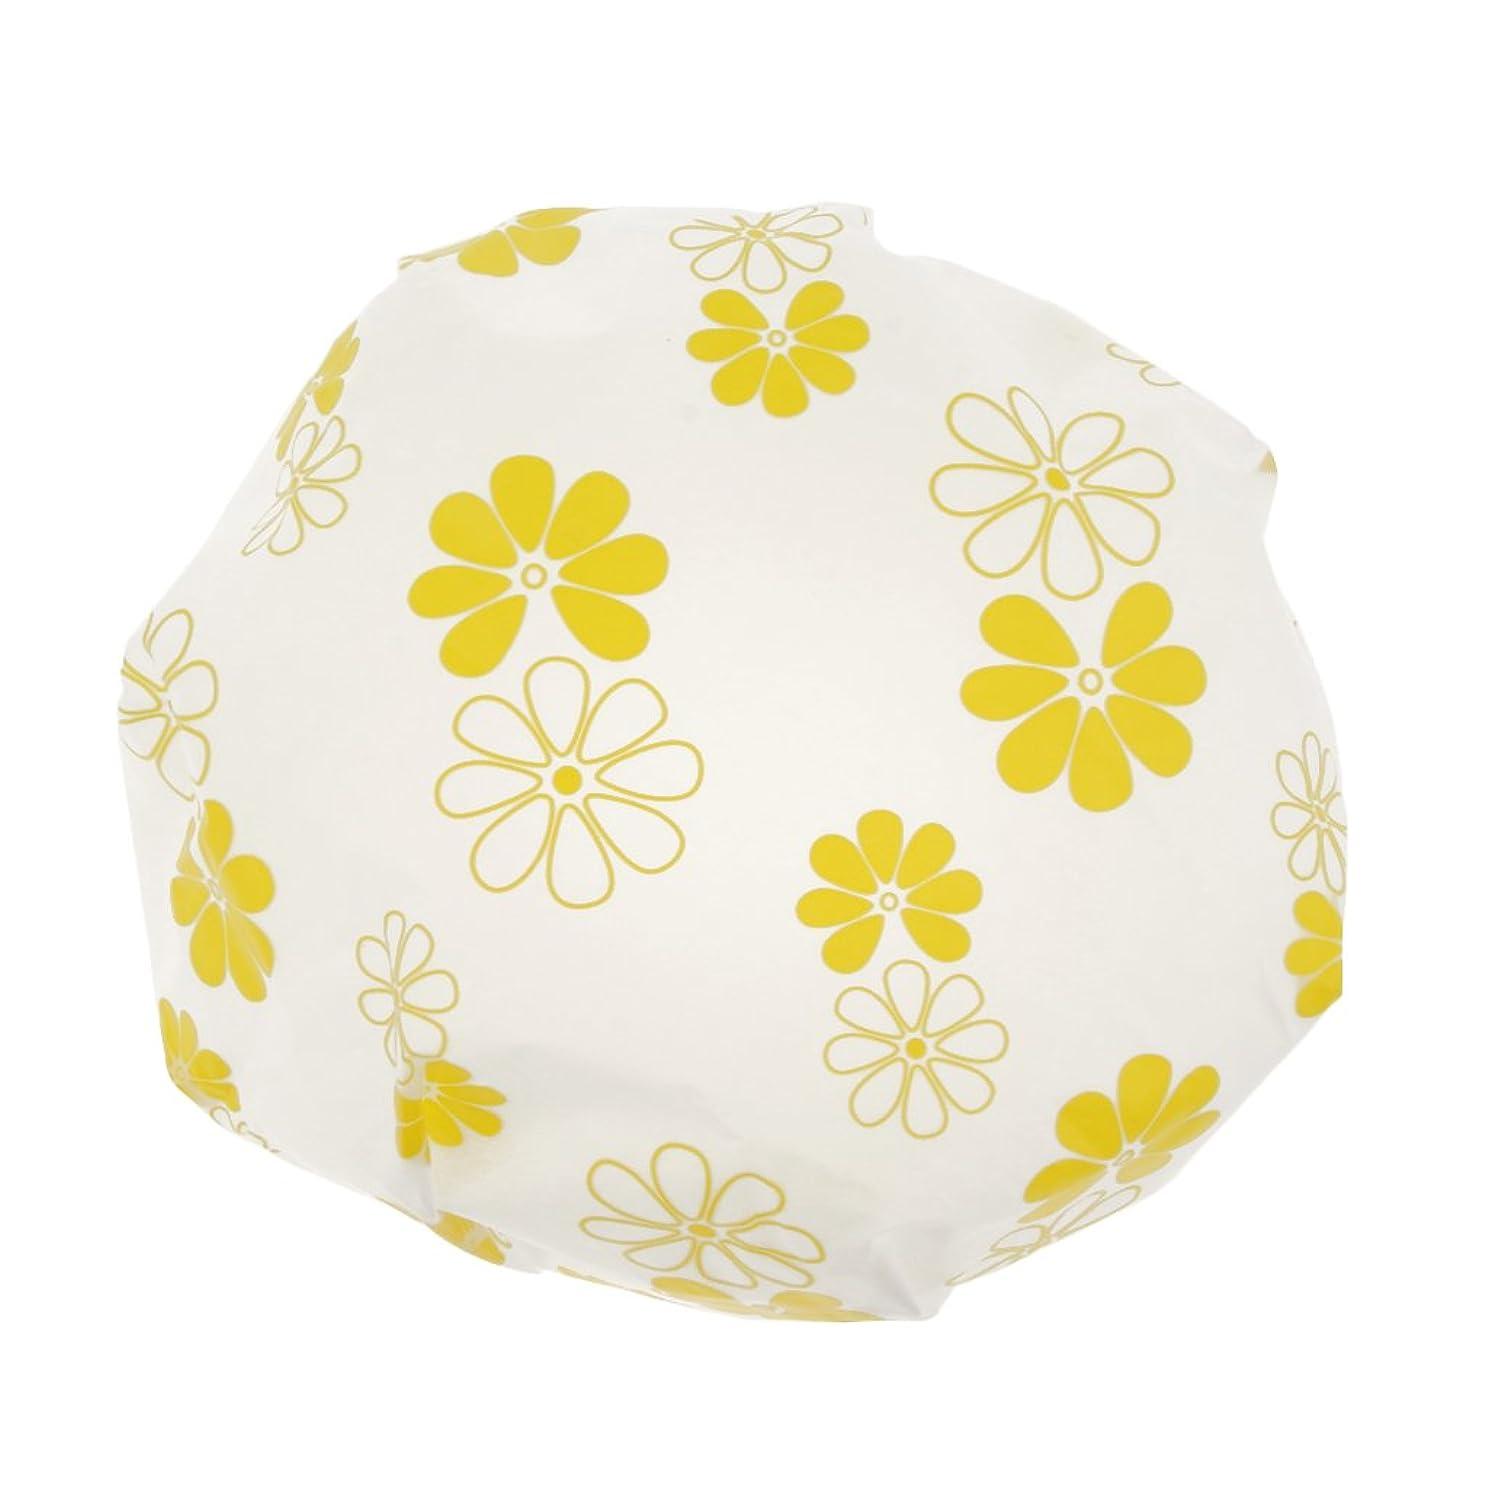 スカリートレーニングパスToygogo 入浴キャップ シャワーキャップ お風呂キャップ 入浴帽子 お風呂ハット 全3色 - 黄